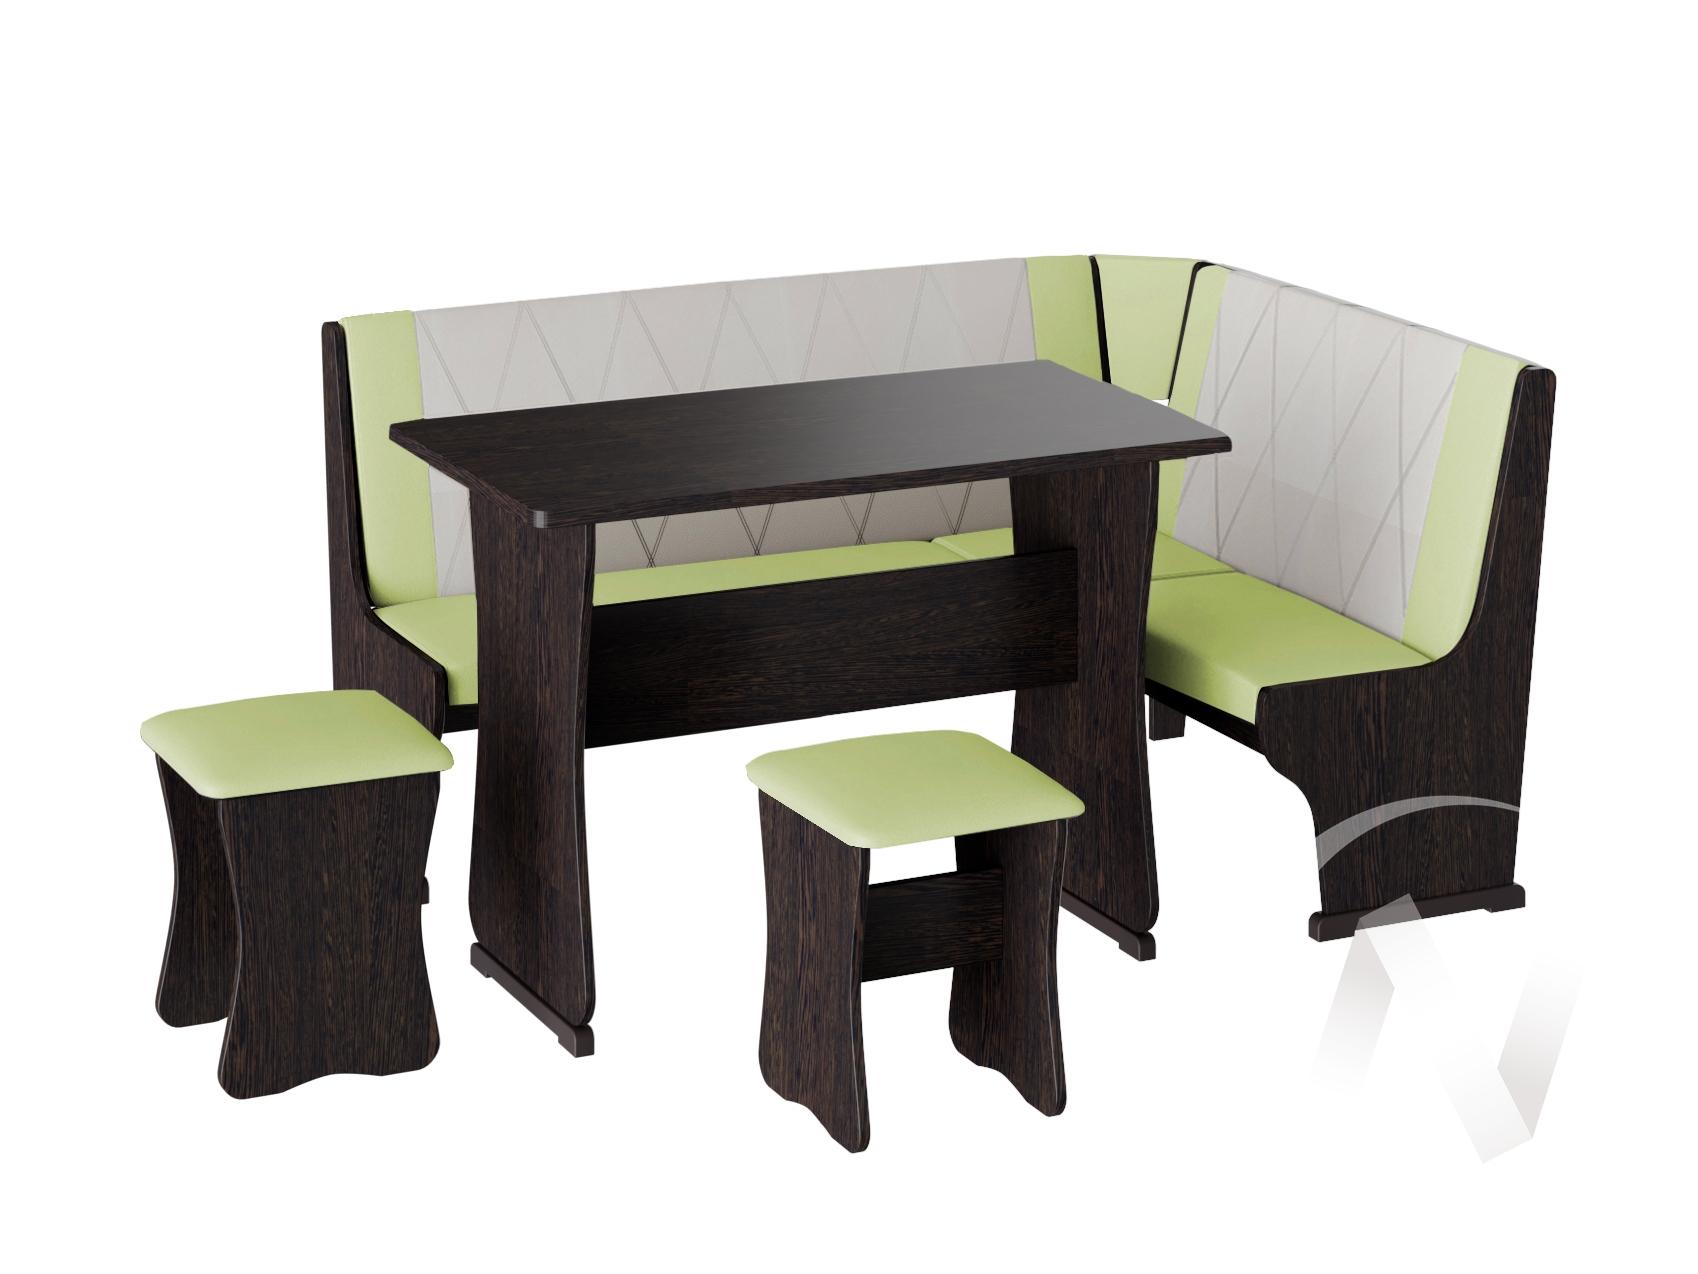 Кухонный уголок Гамма тип 2 кожзам (венге/фисташка,бежевый)  в Томске — интернет магазин МИРА-мебель